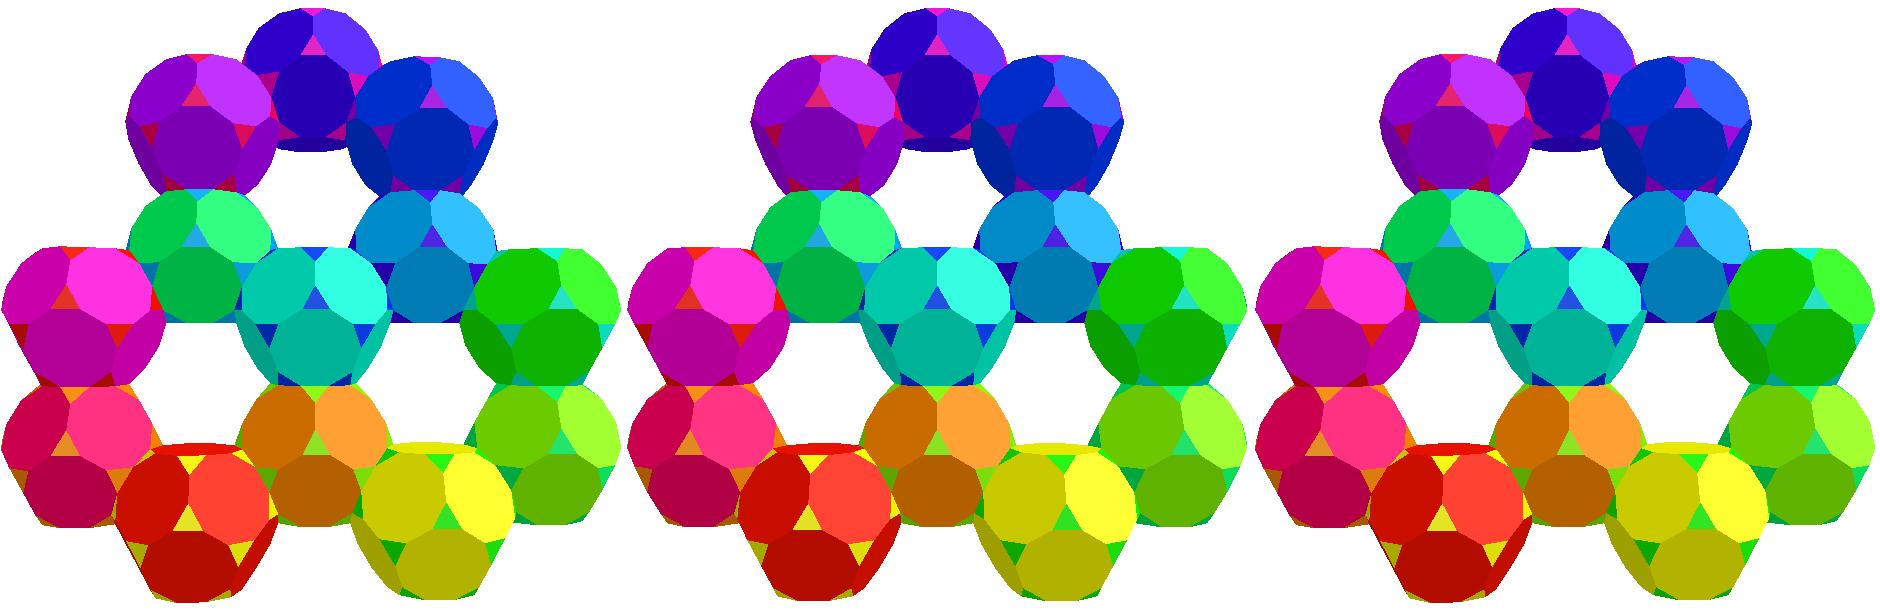 620_truncateddodecahedron_spnHxgPckMv_D301.png